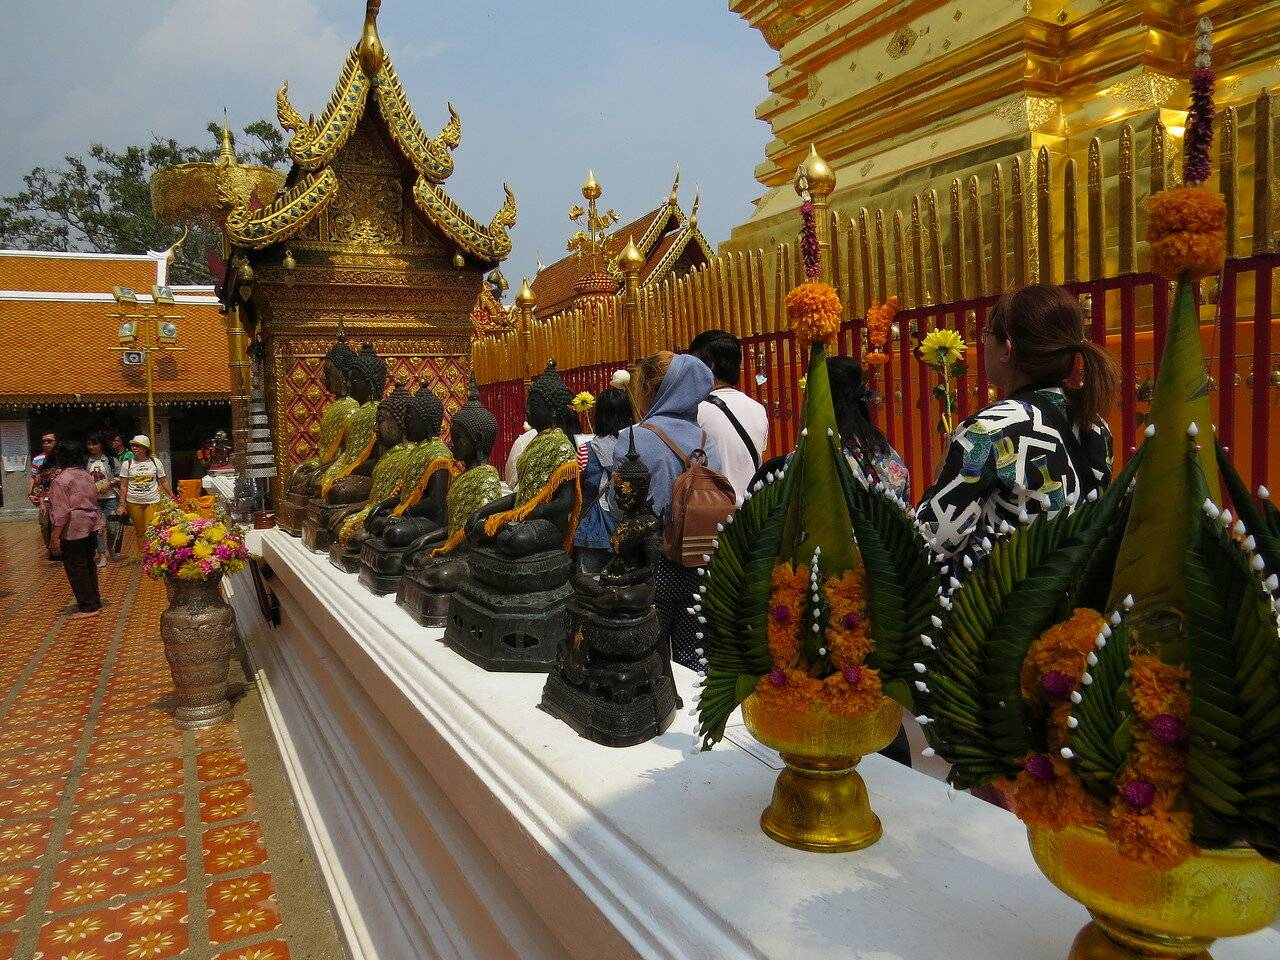 Что лучше для отдыха тайланд или малайзия - сравним?